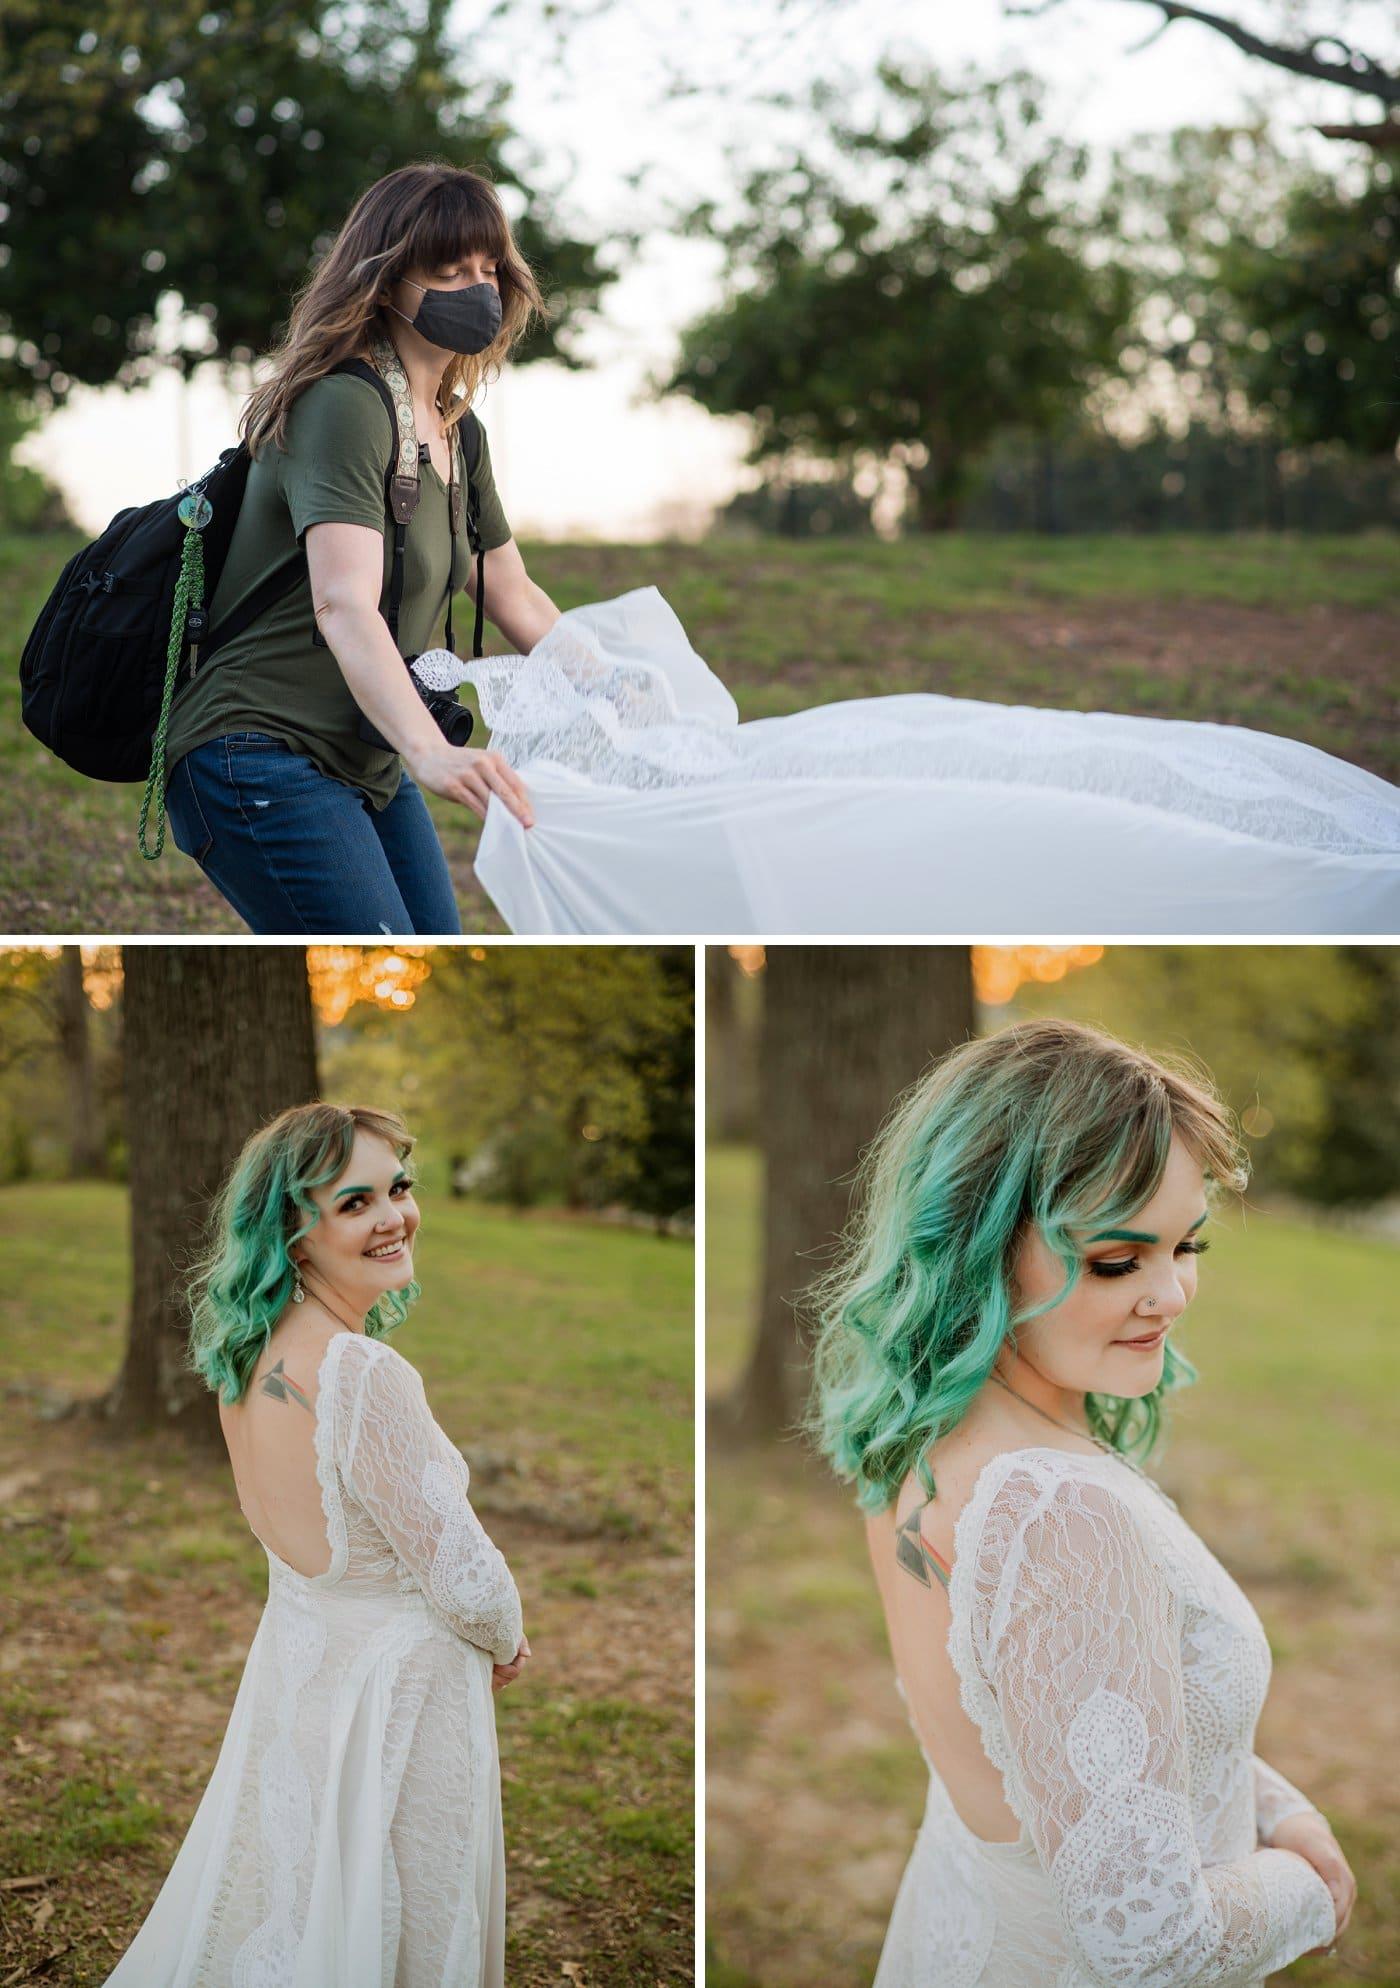 Raven Shutley Studios adjusts dress during Grant Park bridal session